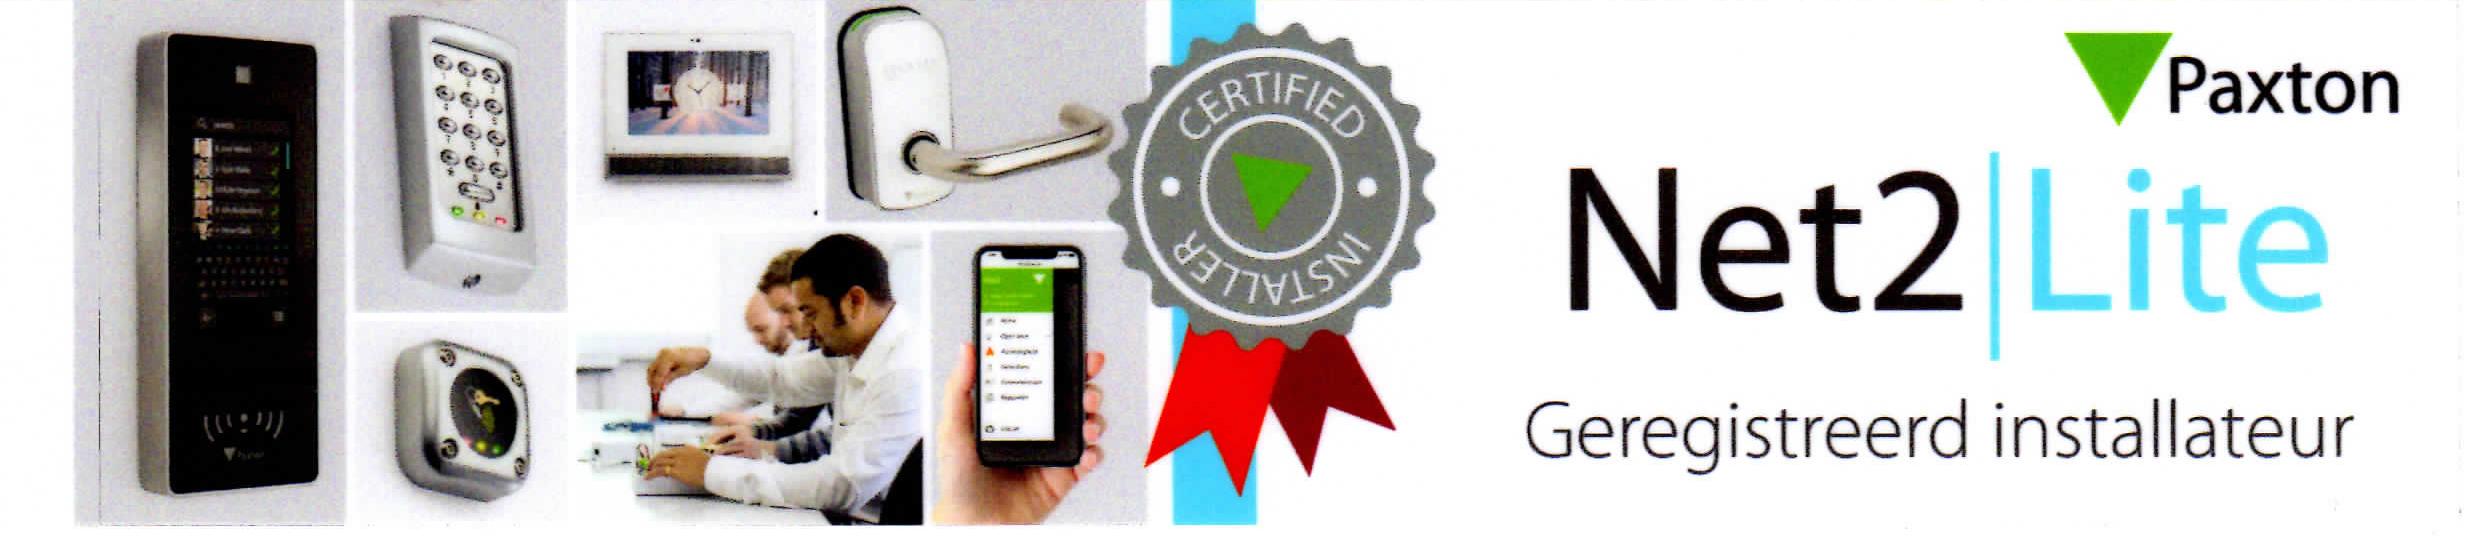 Paxton Net2Lite erkende installateur